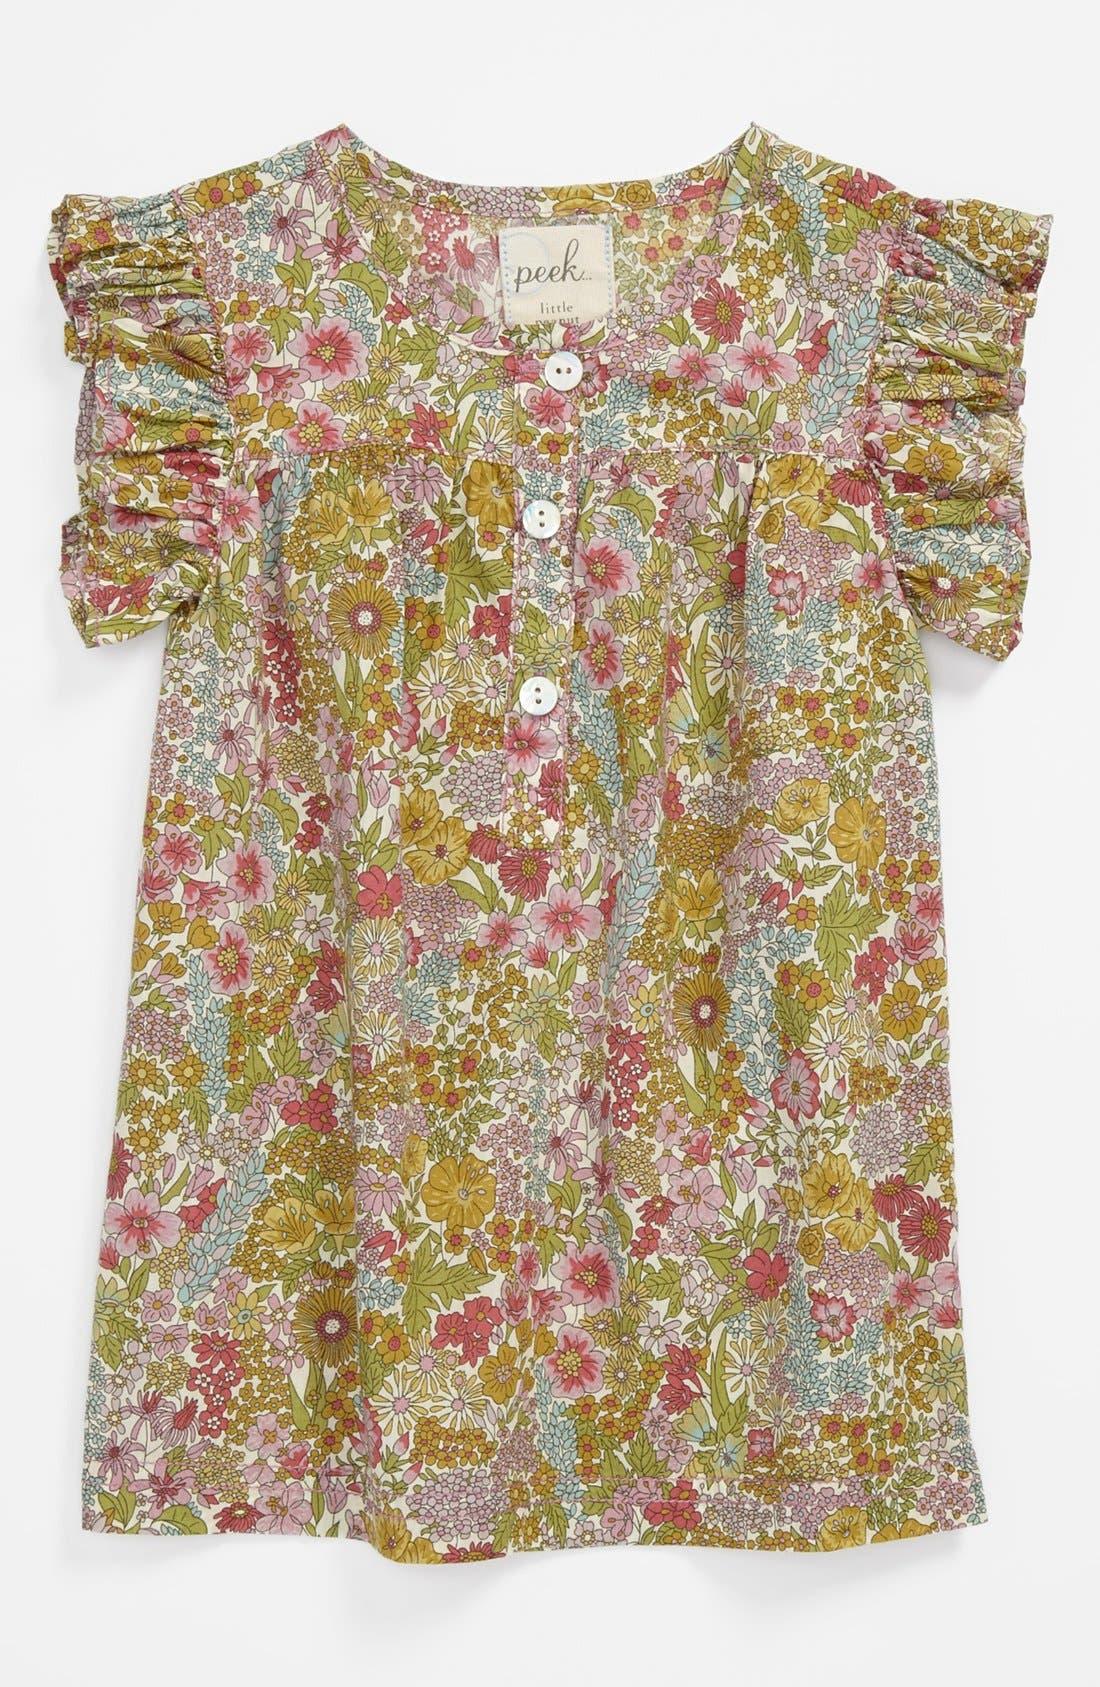 Alternate Image 1 Selected - Peek 'Annie' Dress (Baby Girls)